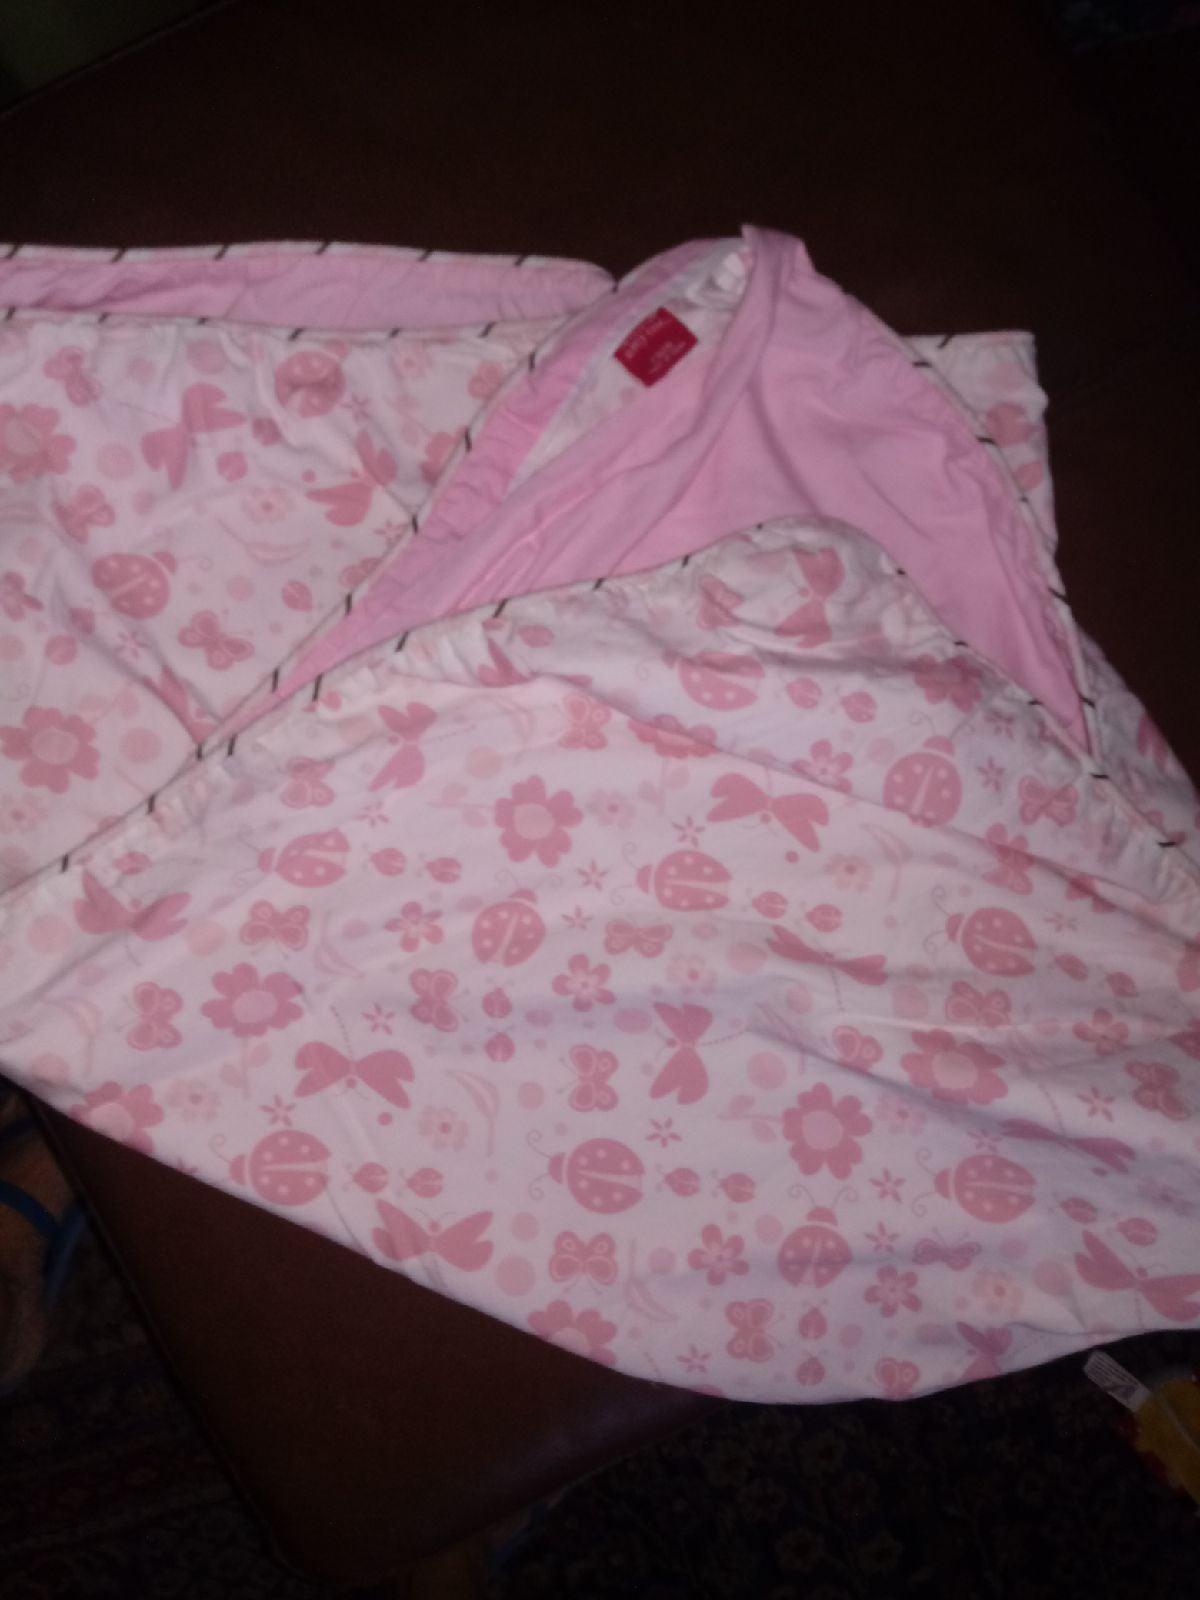 Crib Blanket Duvet